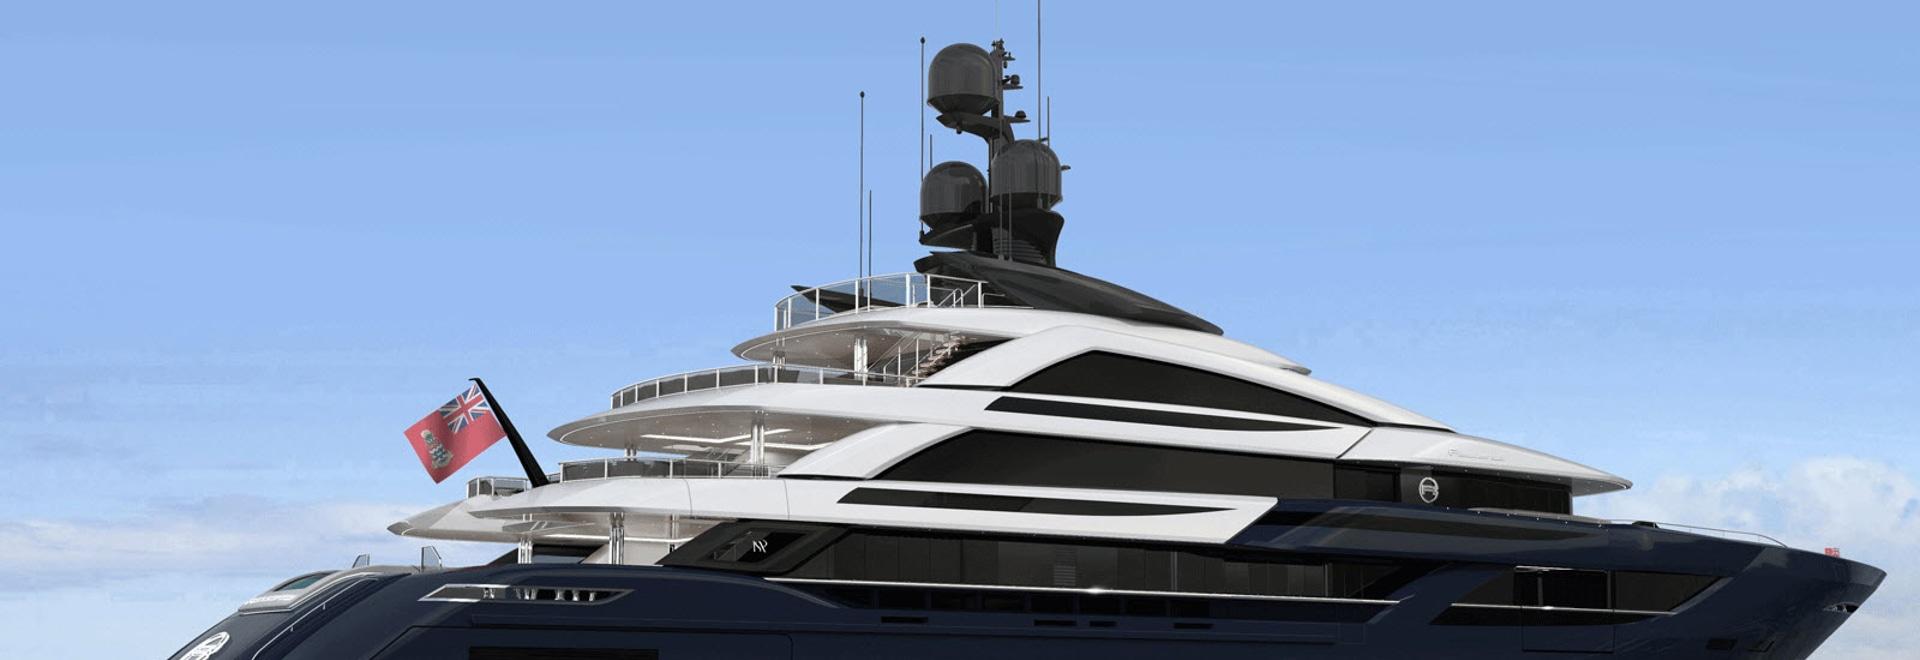 Das Innere des Designs einer eingebauten 65-Meter ISA Classic-Yacht